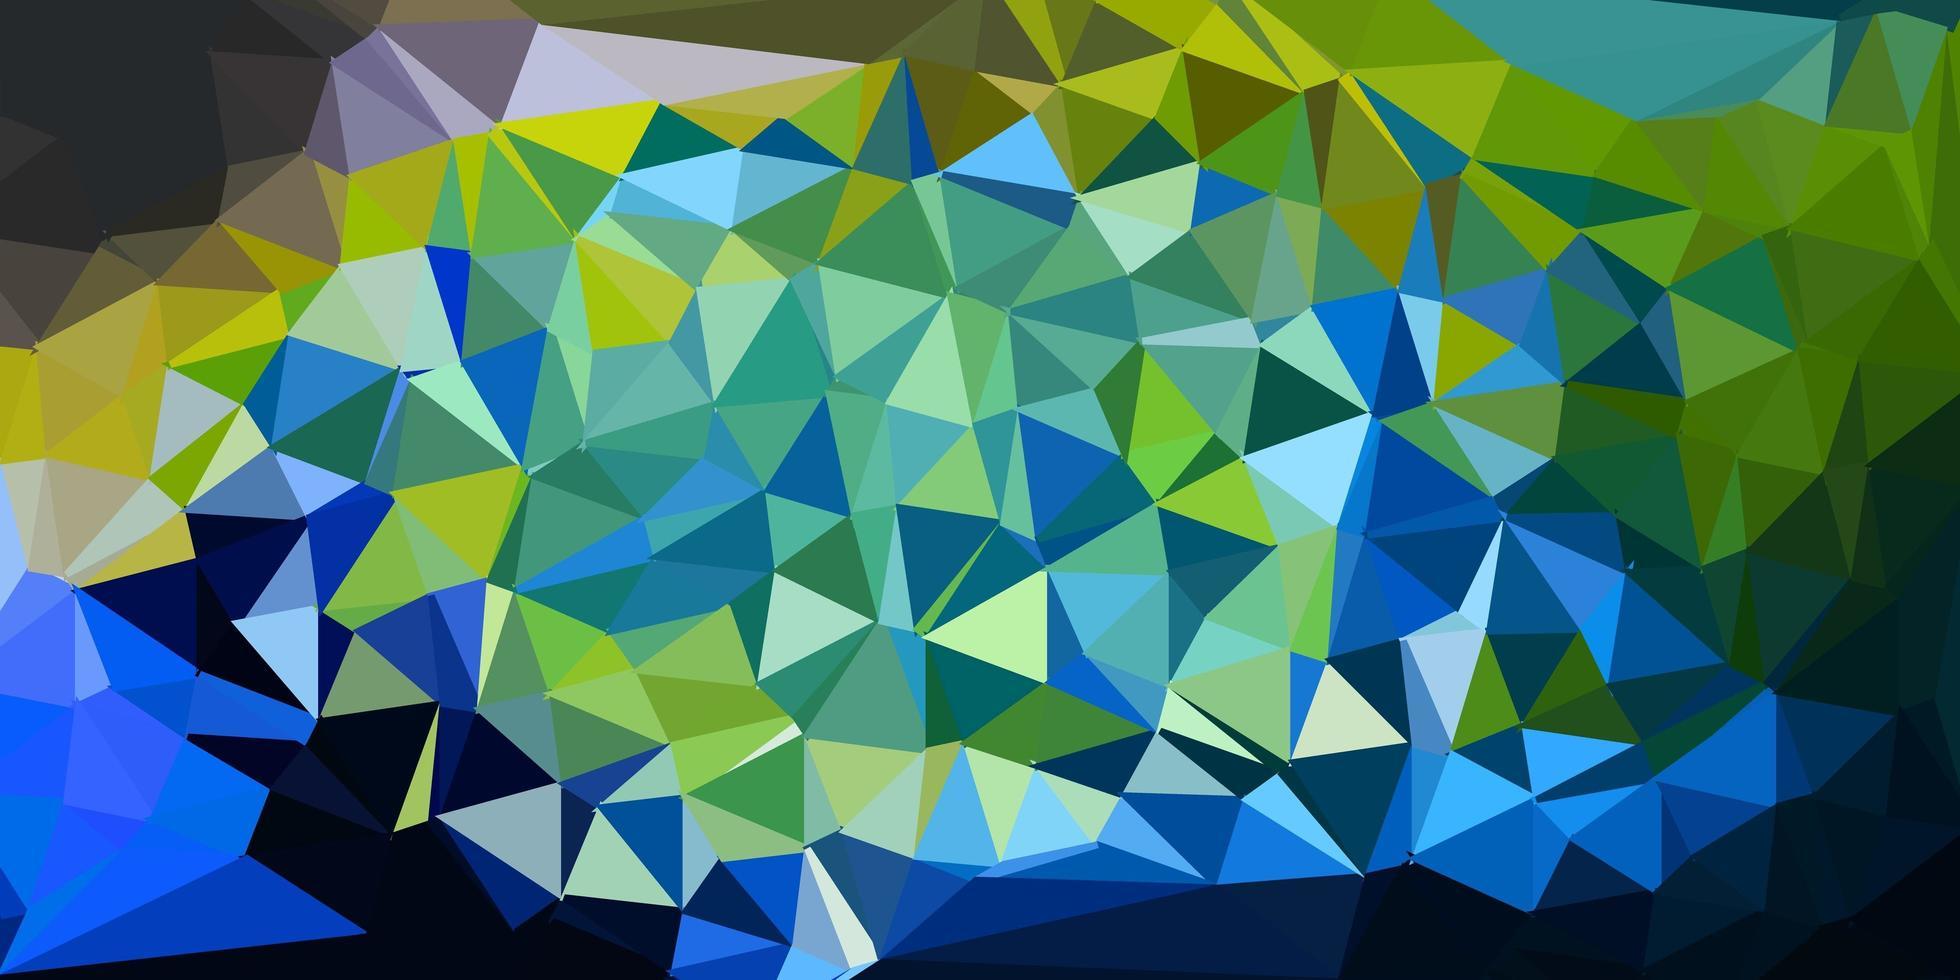 toile de fond de mosaïque triangle vecteur bleu clair, jaune.